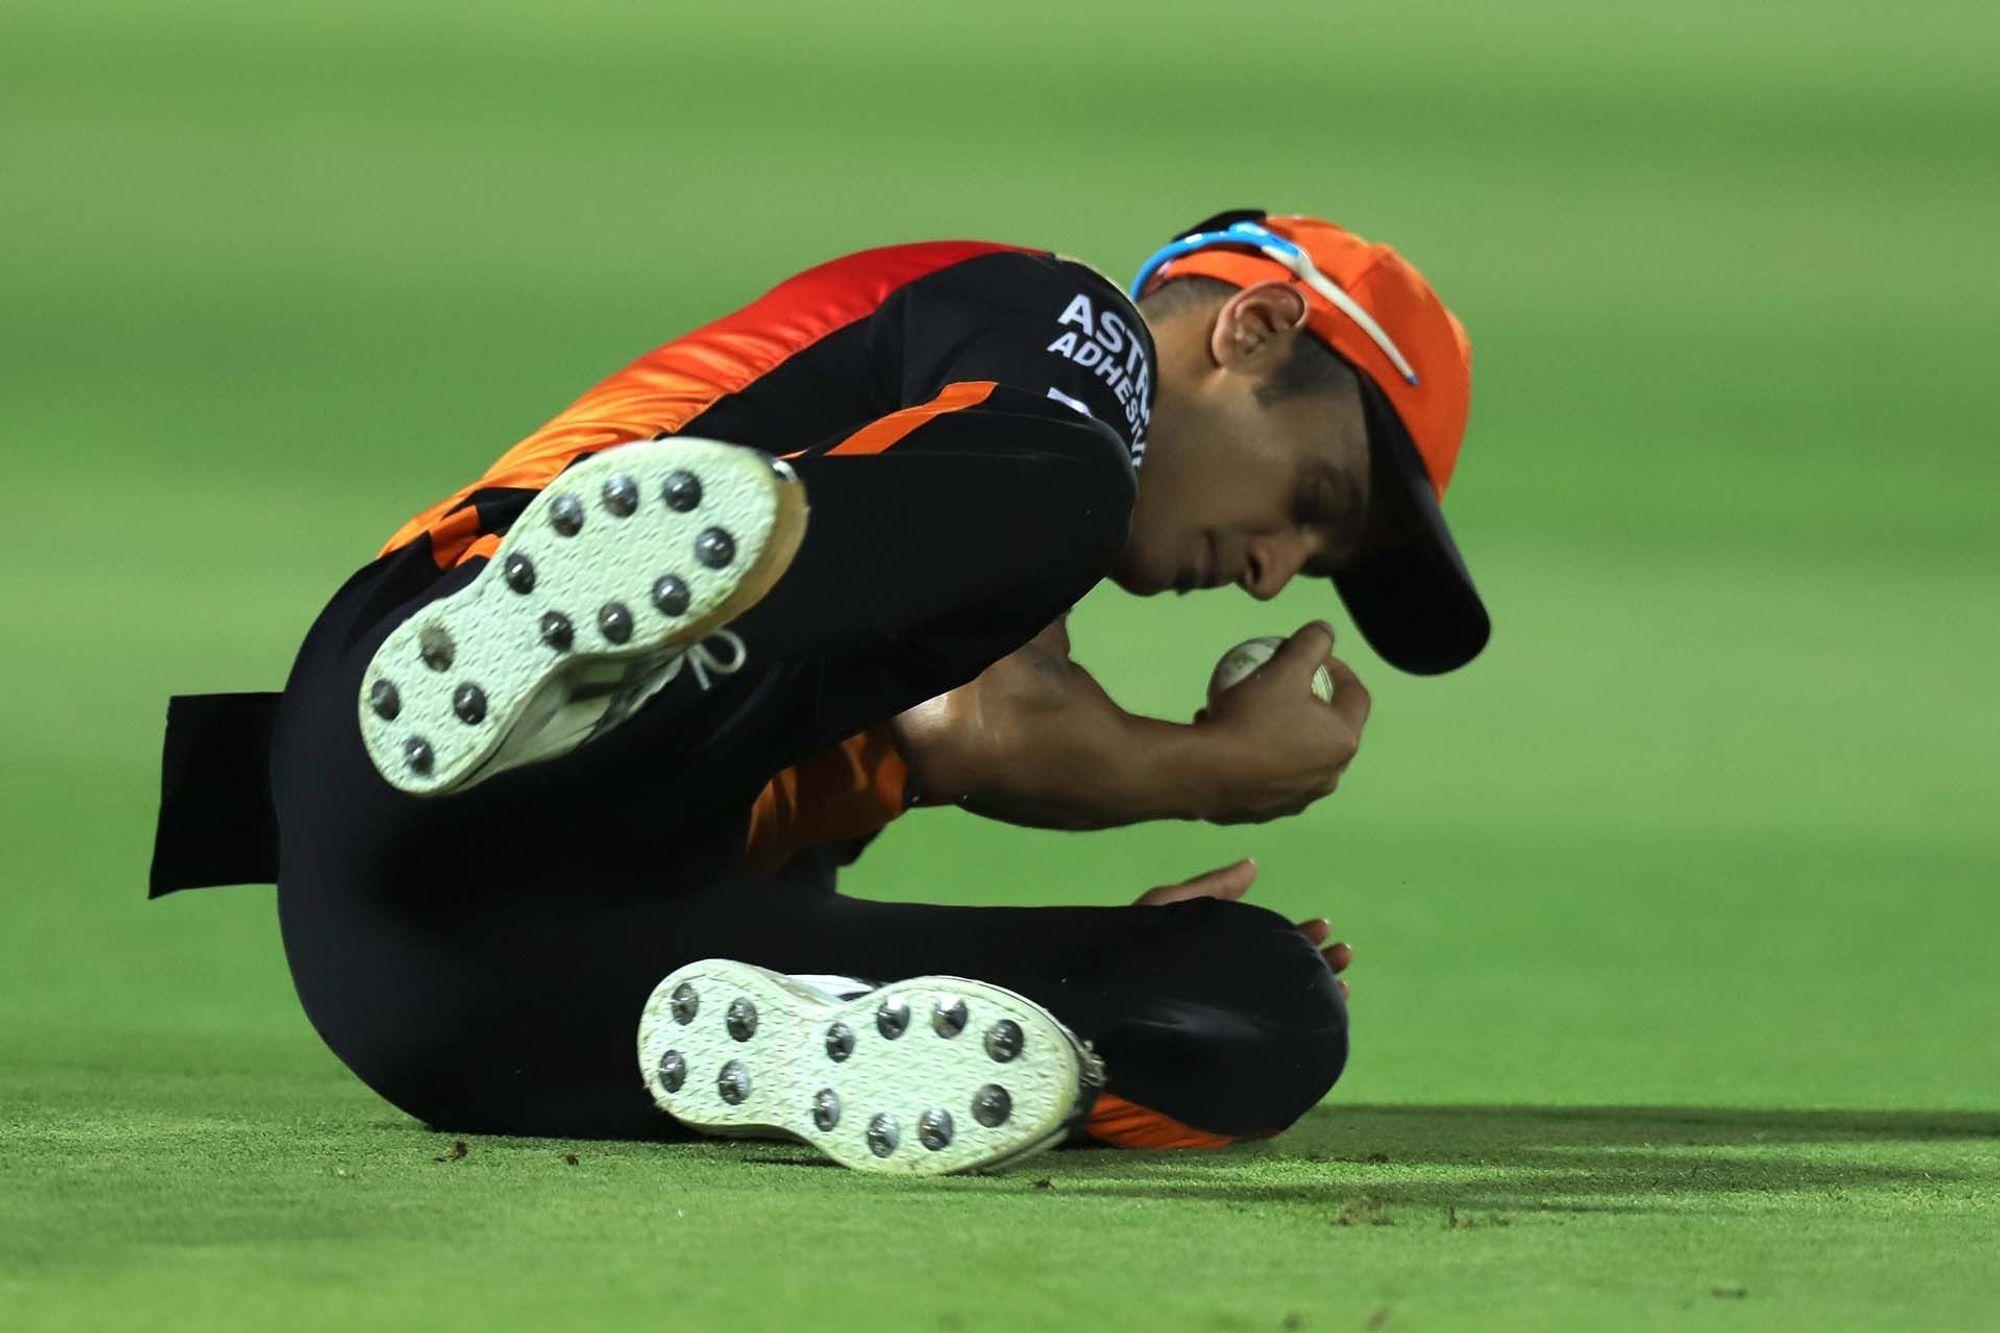 आईपीएल के पिछले सीजन में ये 5 खिलाड़ी थे अपनी टीम के हीरो, इस सीजन में बन गये जीरो 6